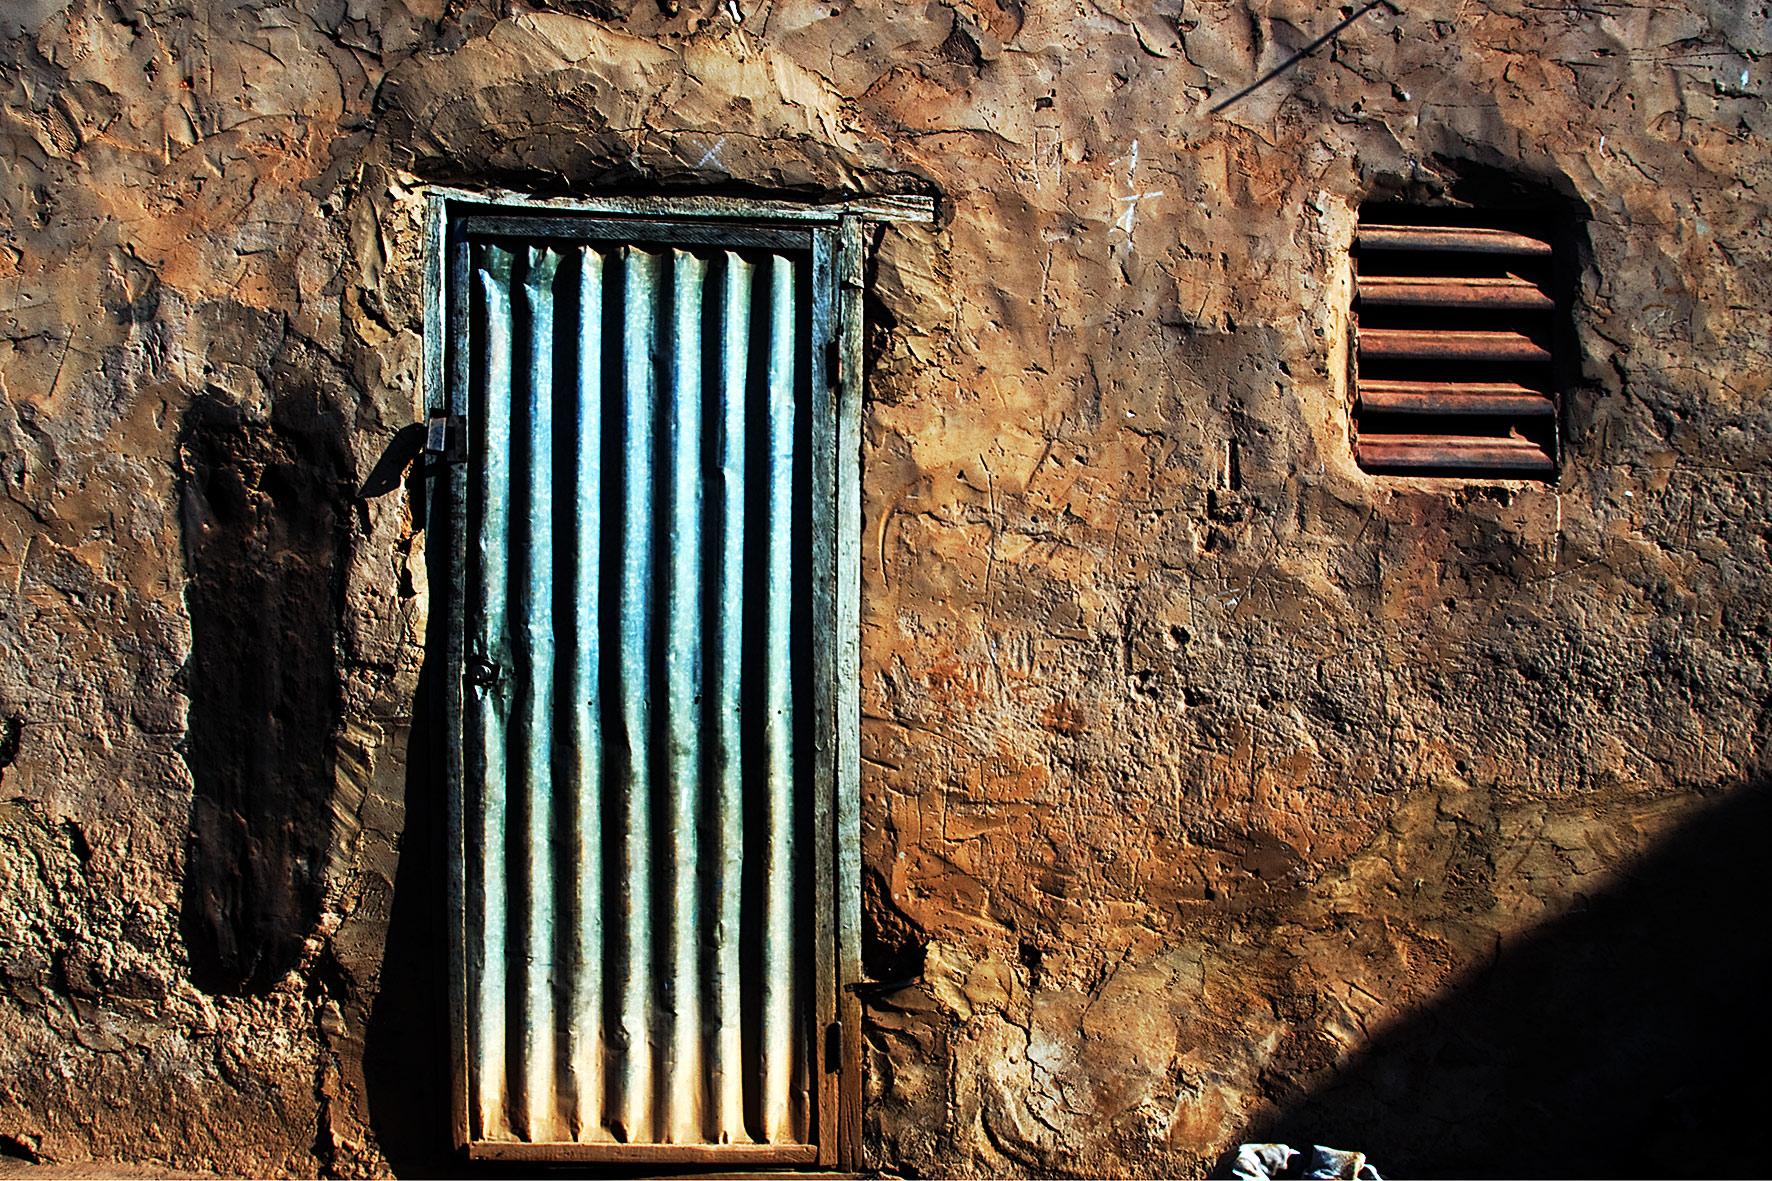 #Afrique 16. Burkina Faso, Ouagadougou. 2010